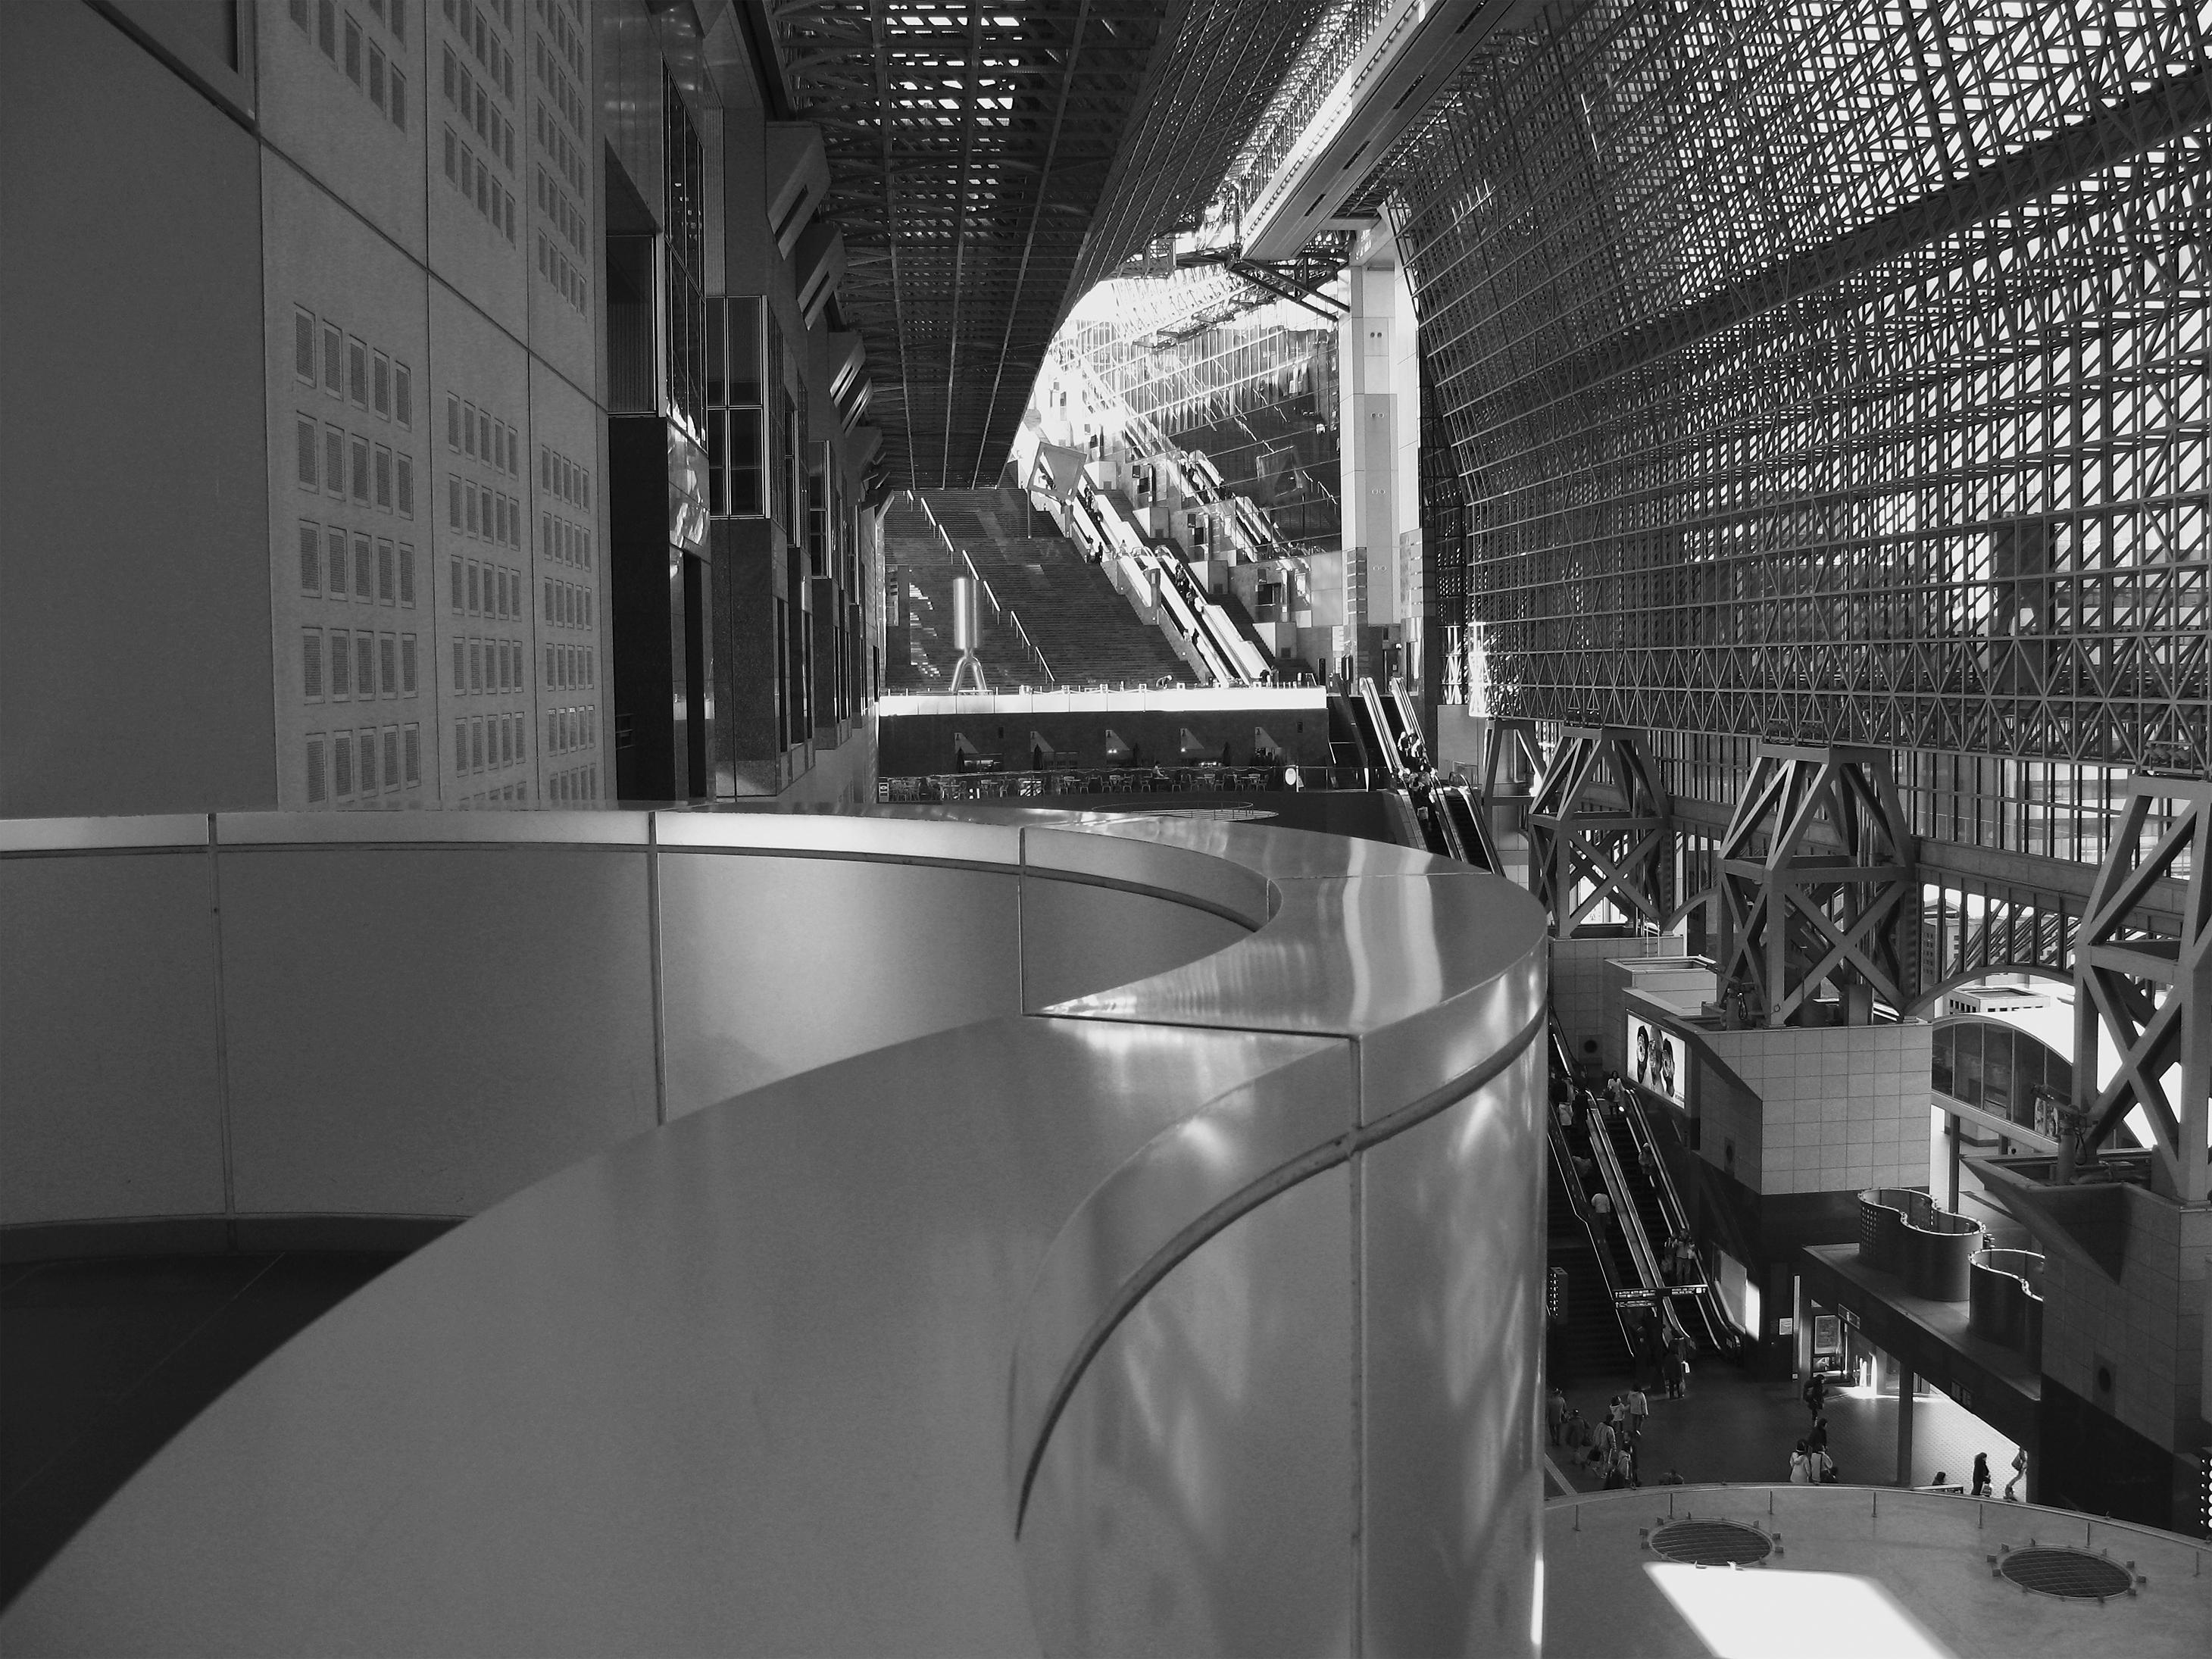 kyoto station c0392.jpg